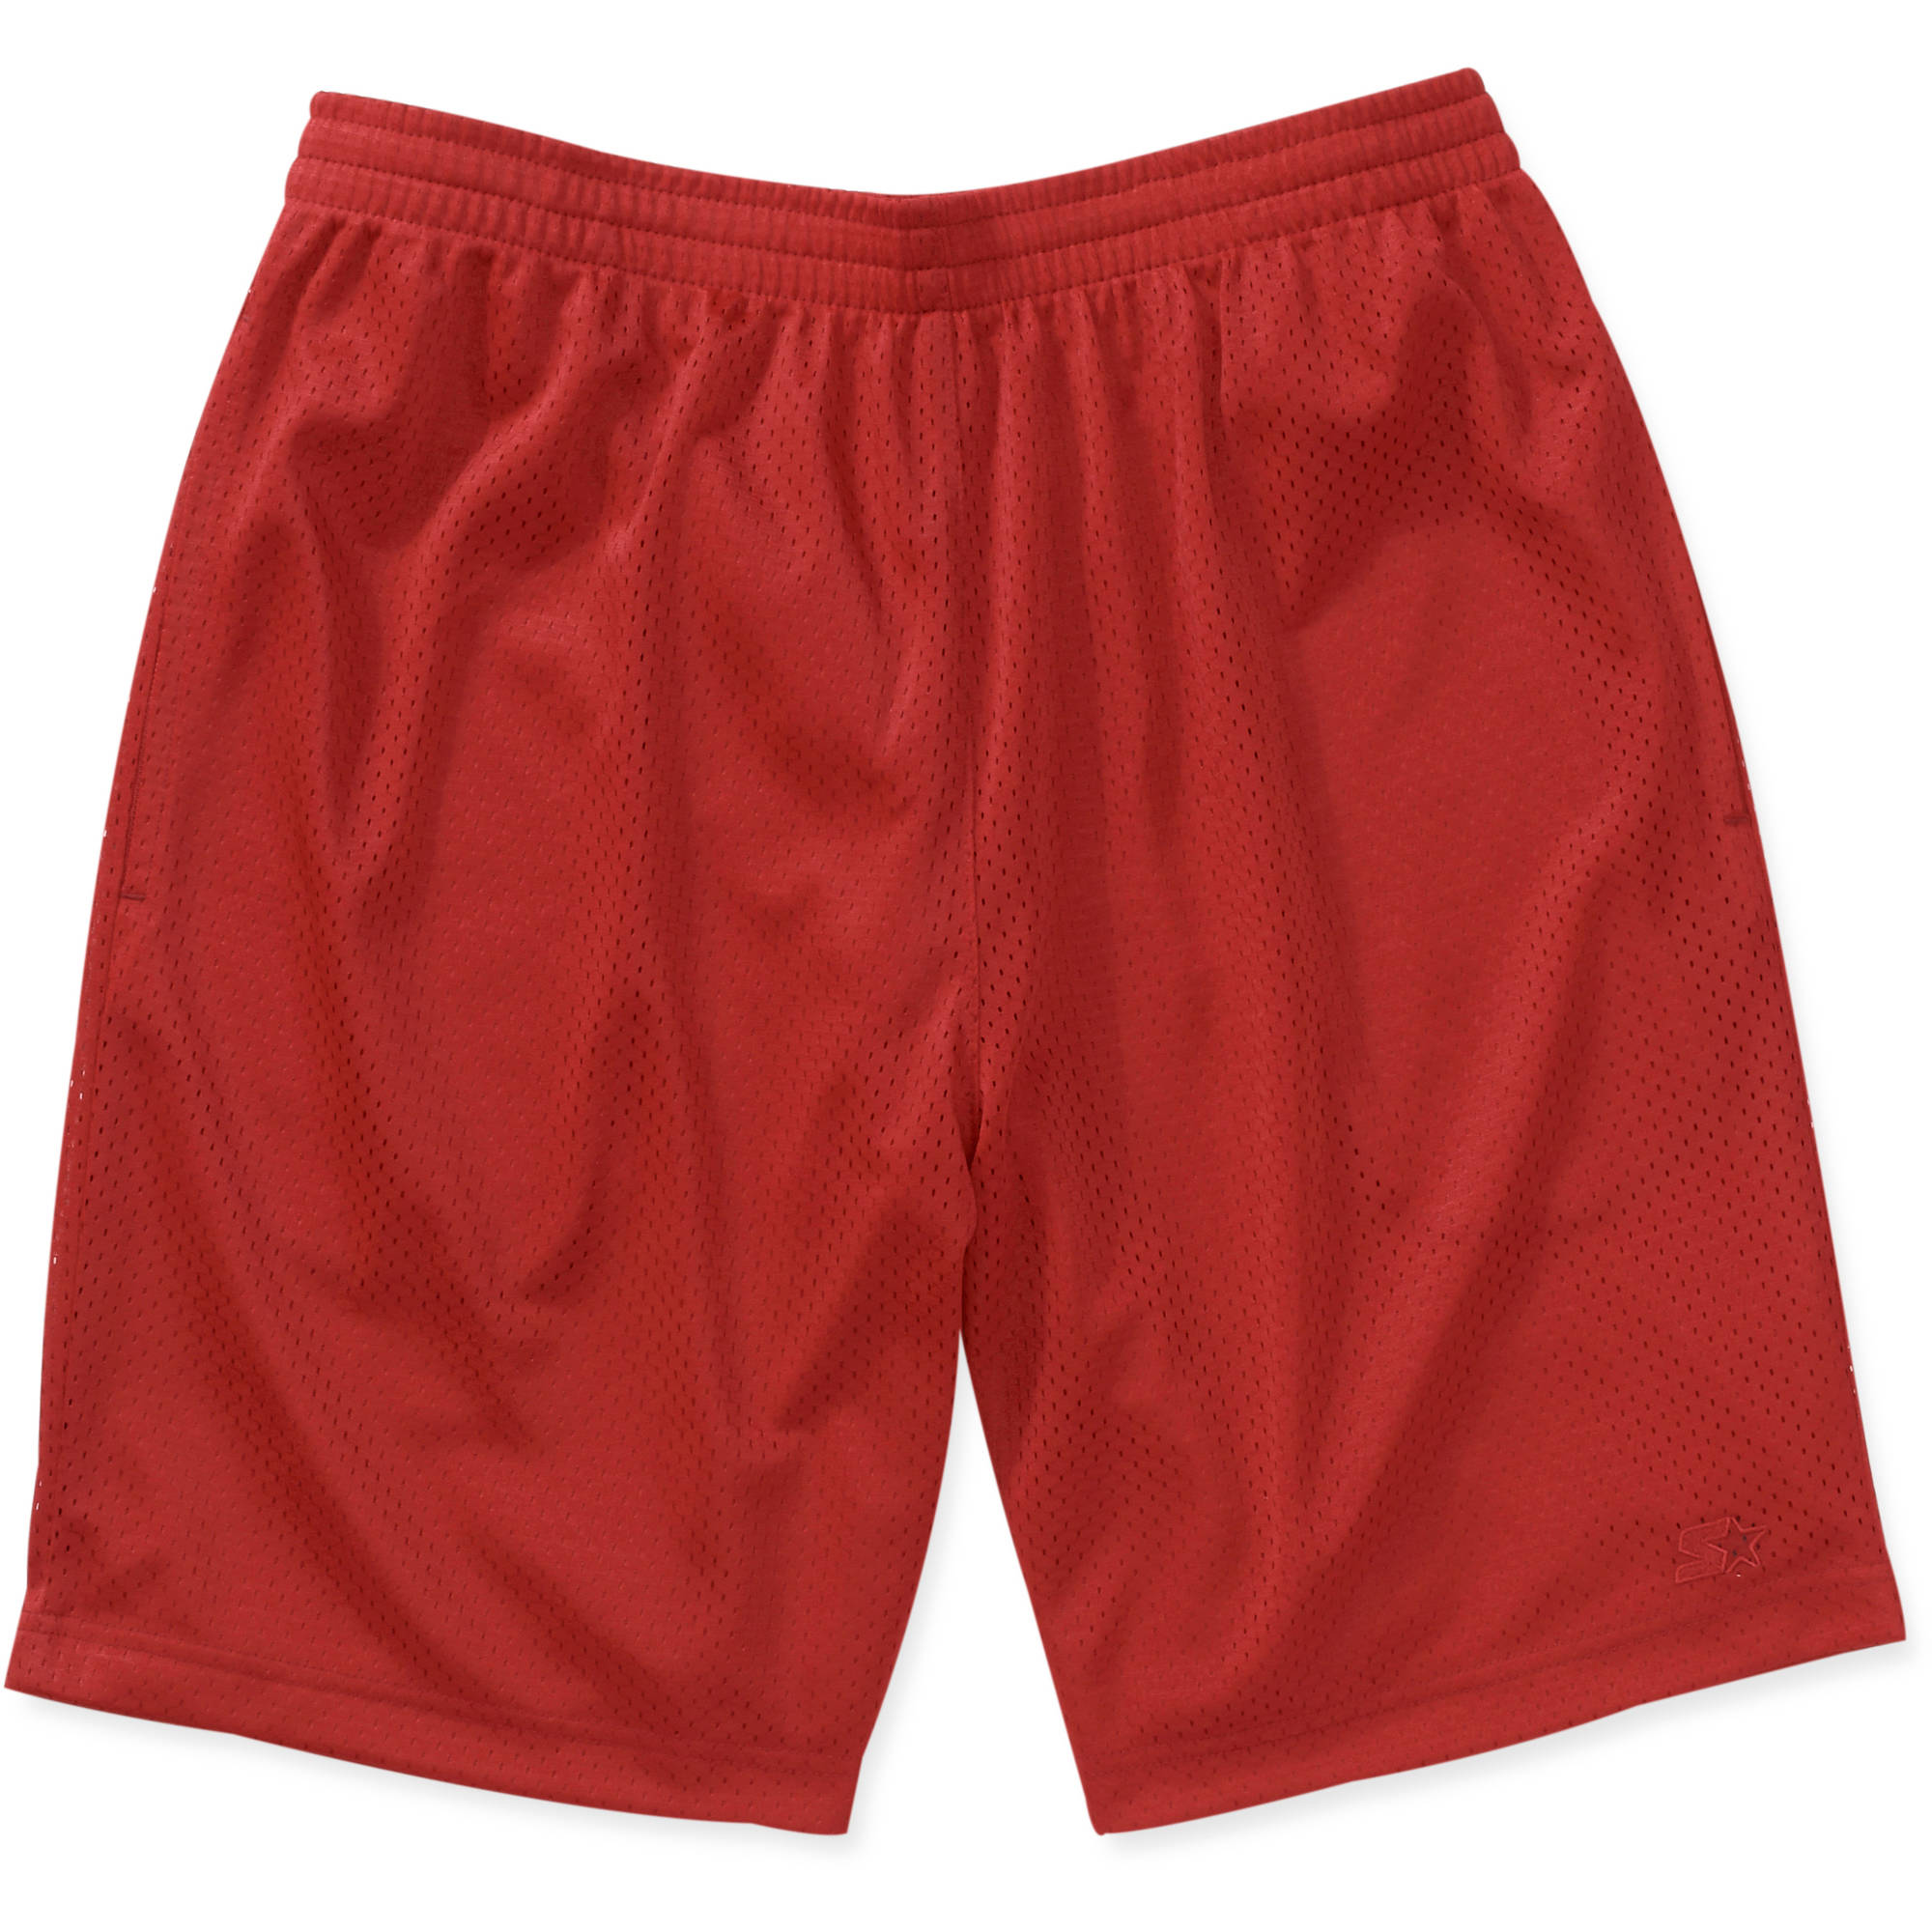 Men's Active Dri-Star Mesh Short - Walmart.com